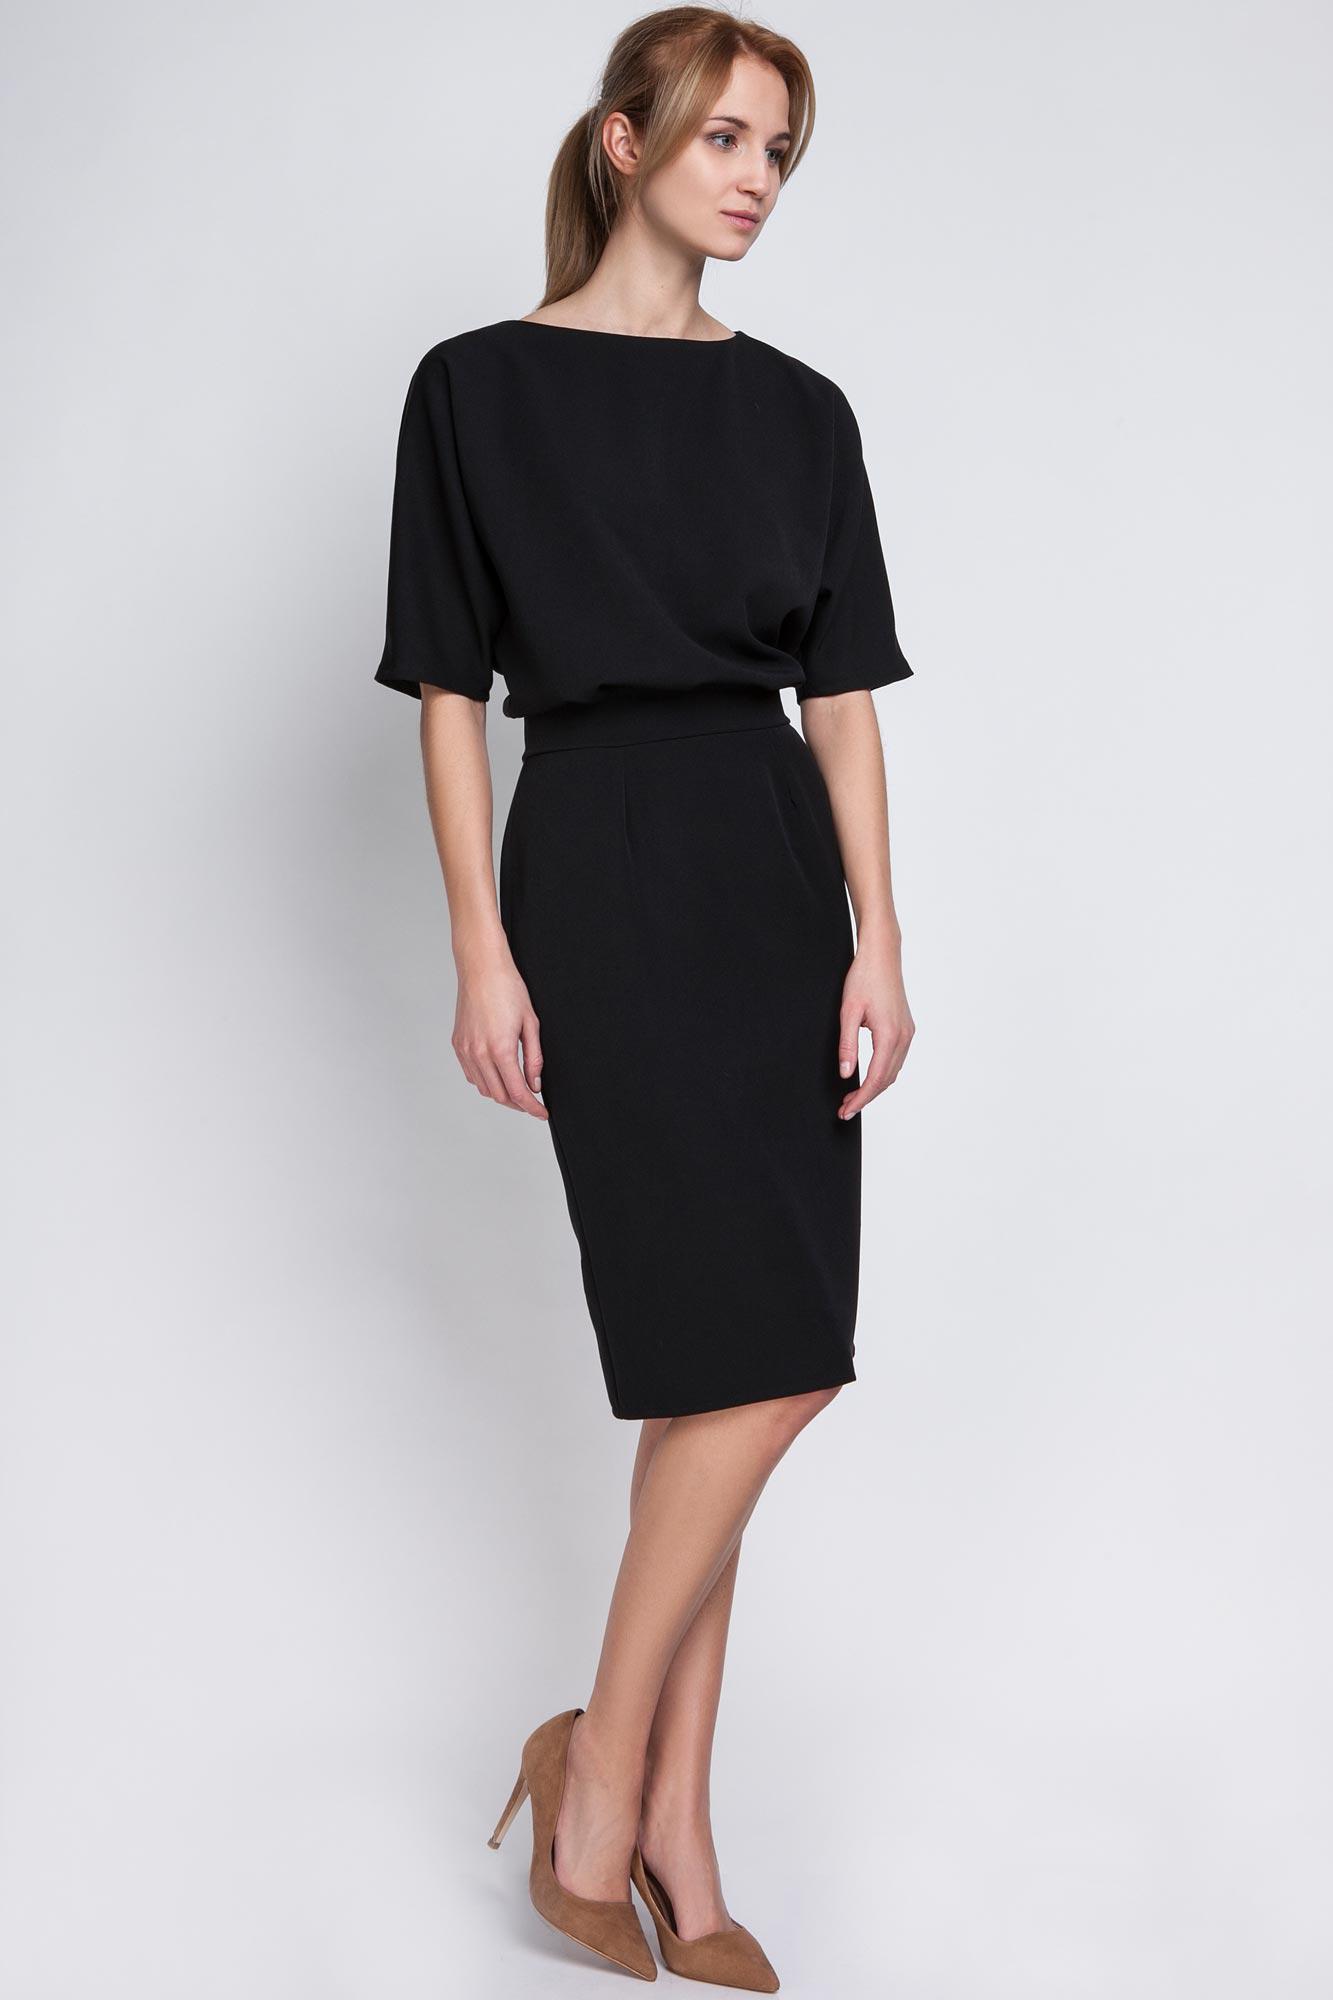 Petite robe noire manches courtes